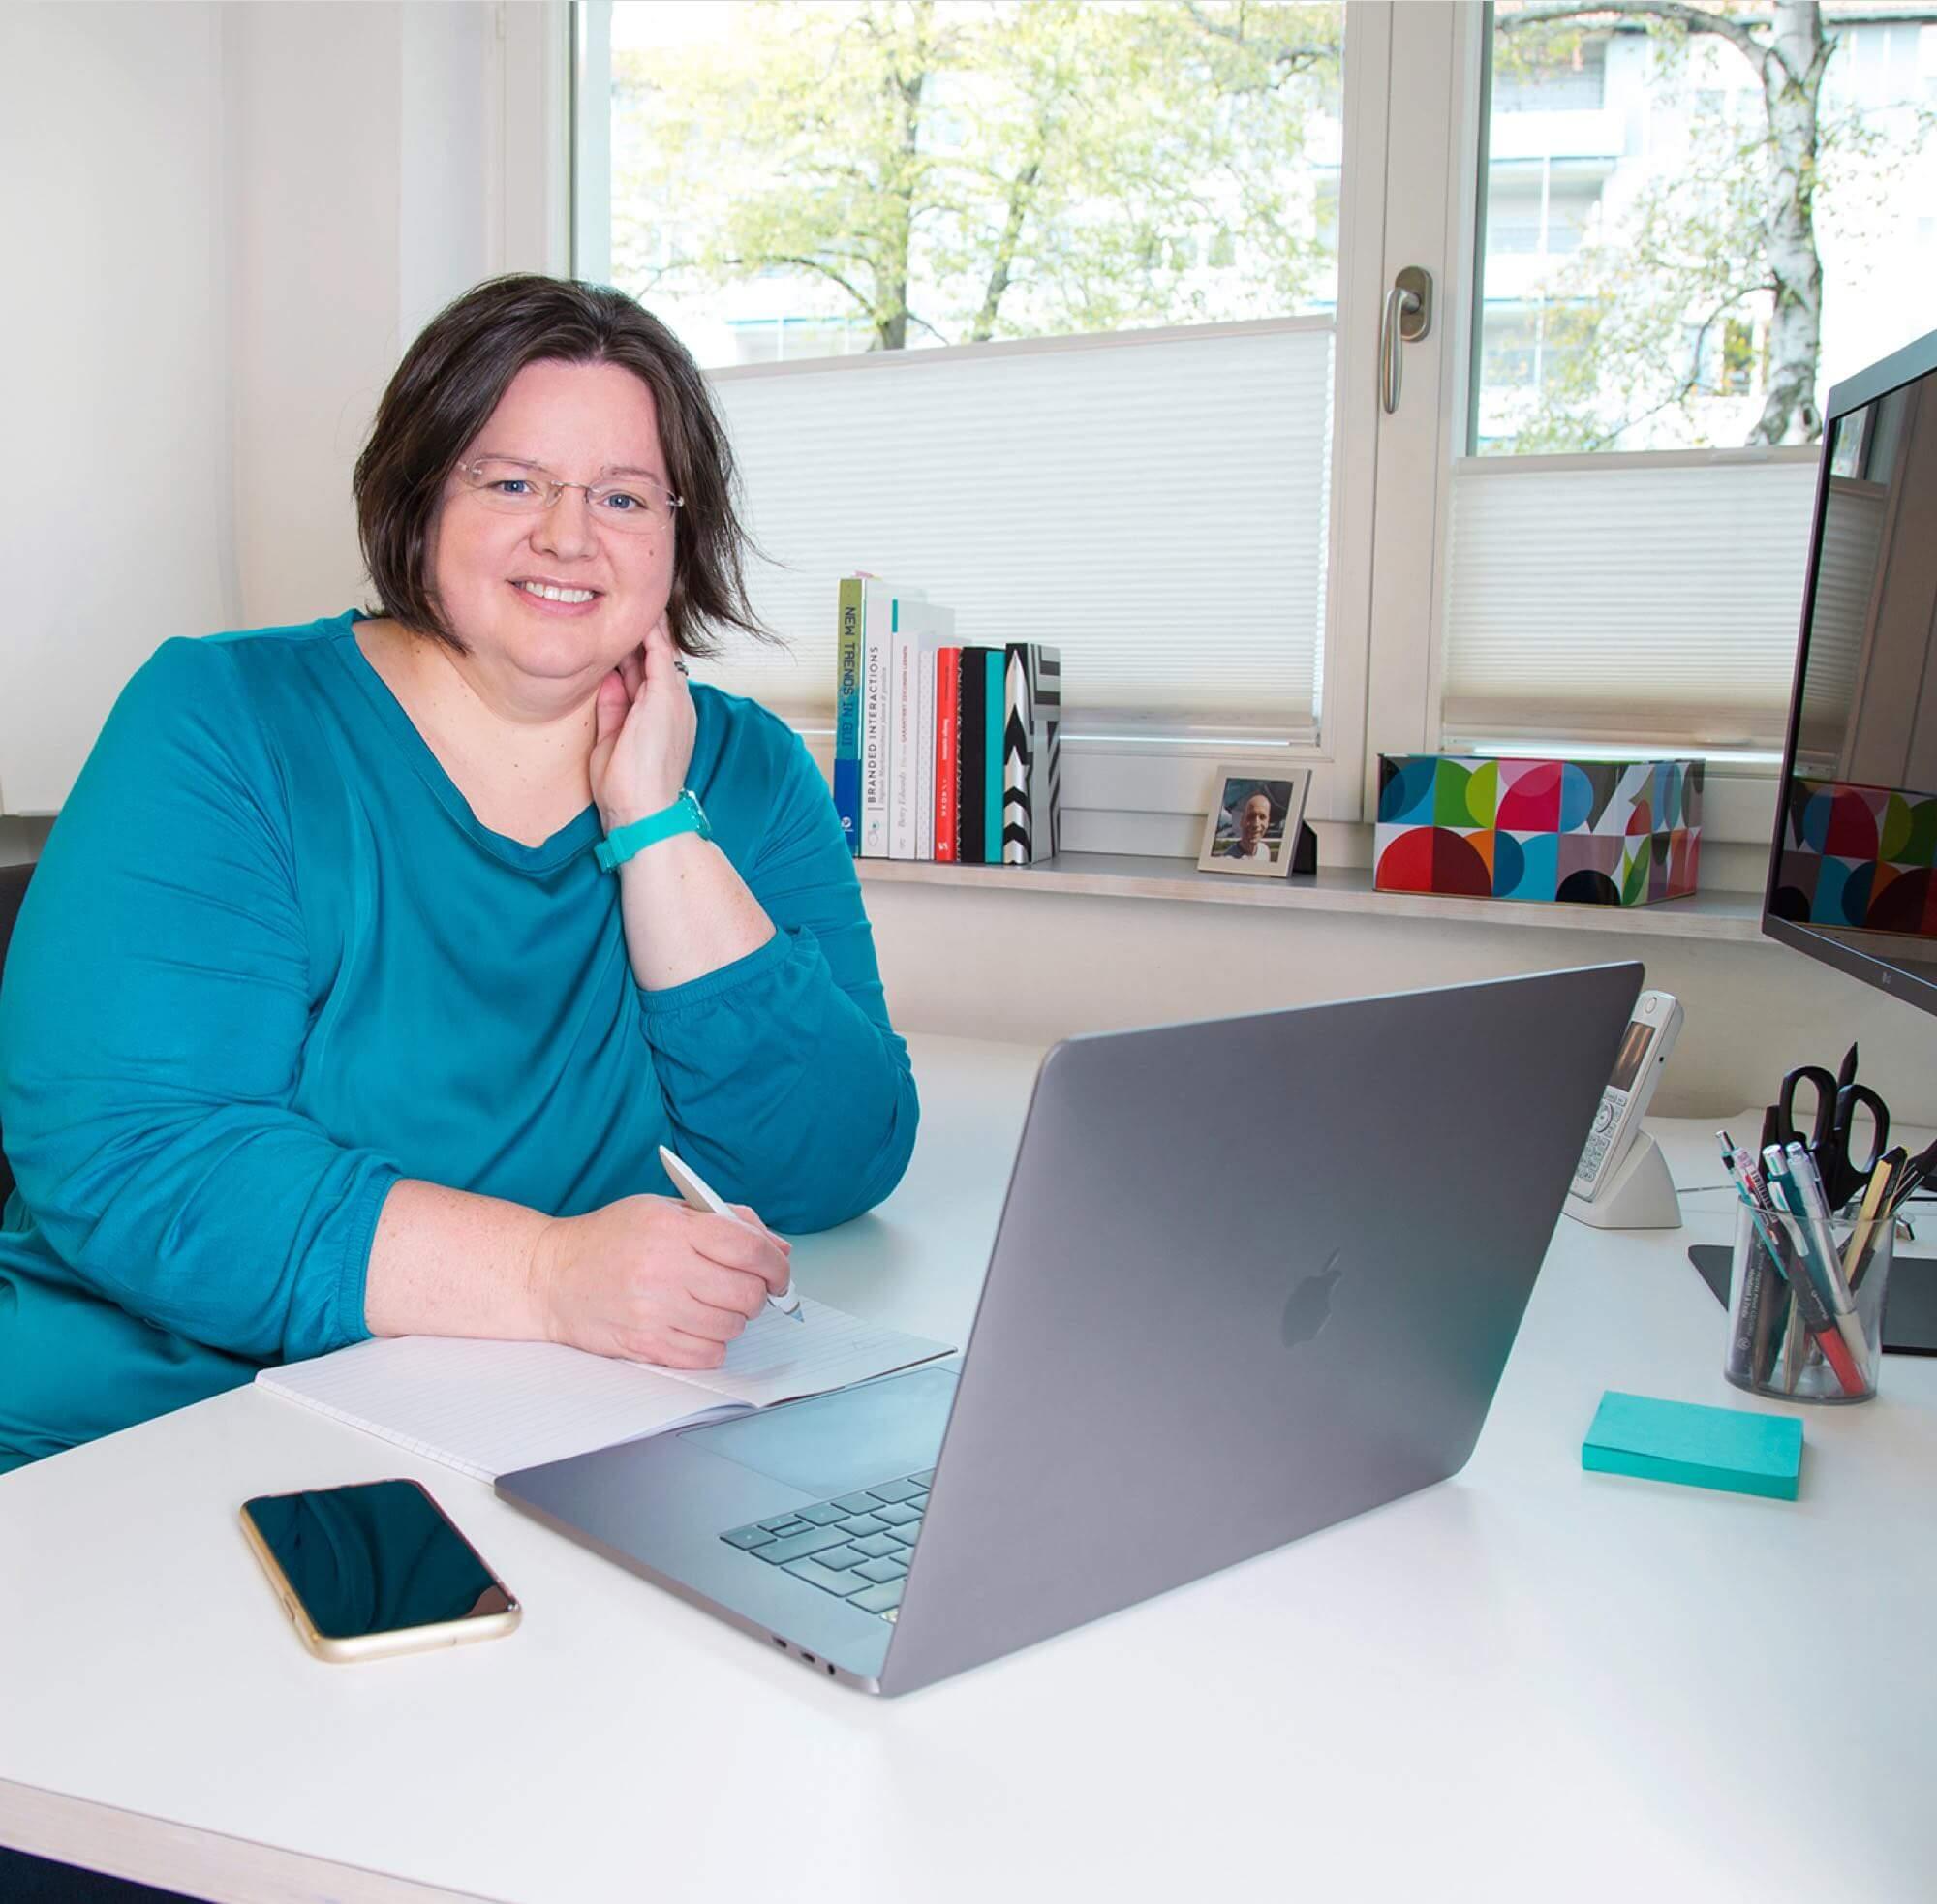 Tine Schäfer bei der Arbeit UX Designerin